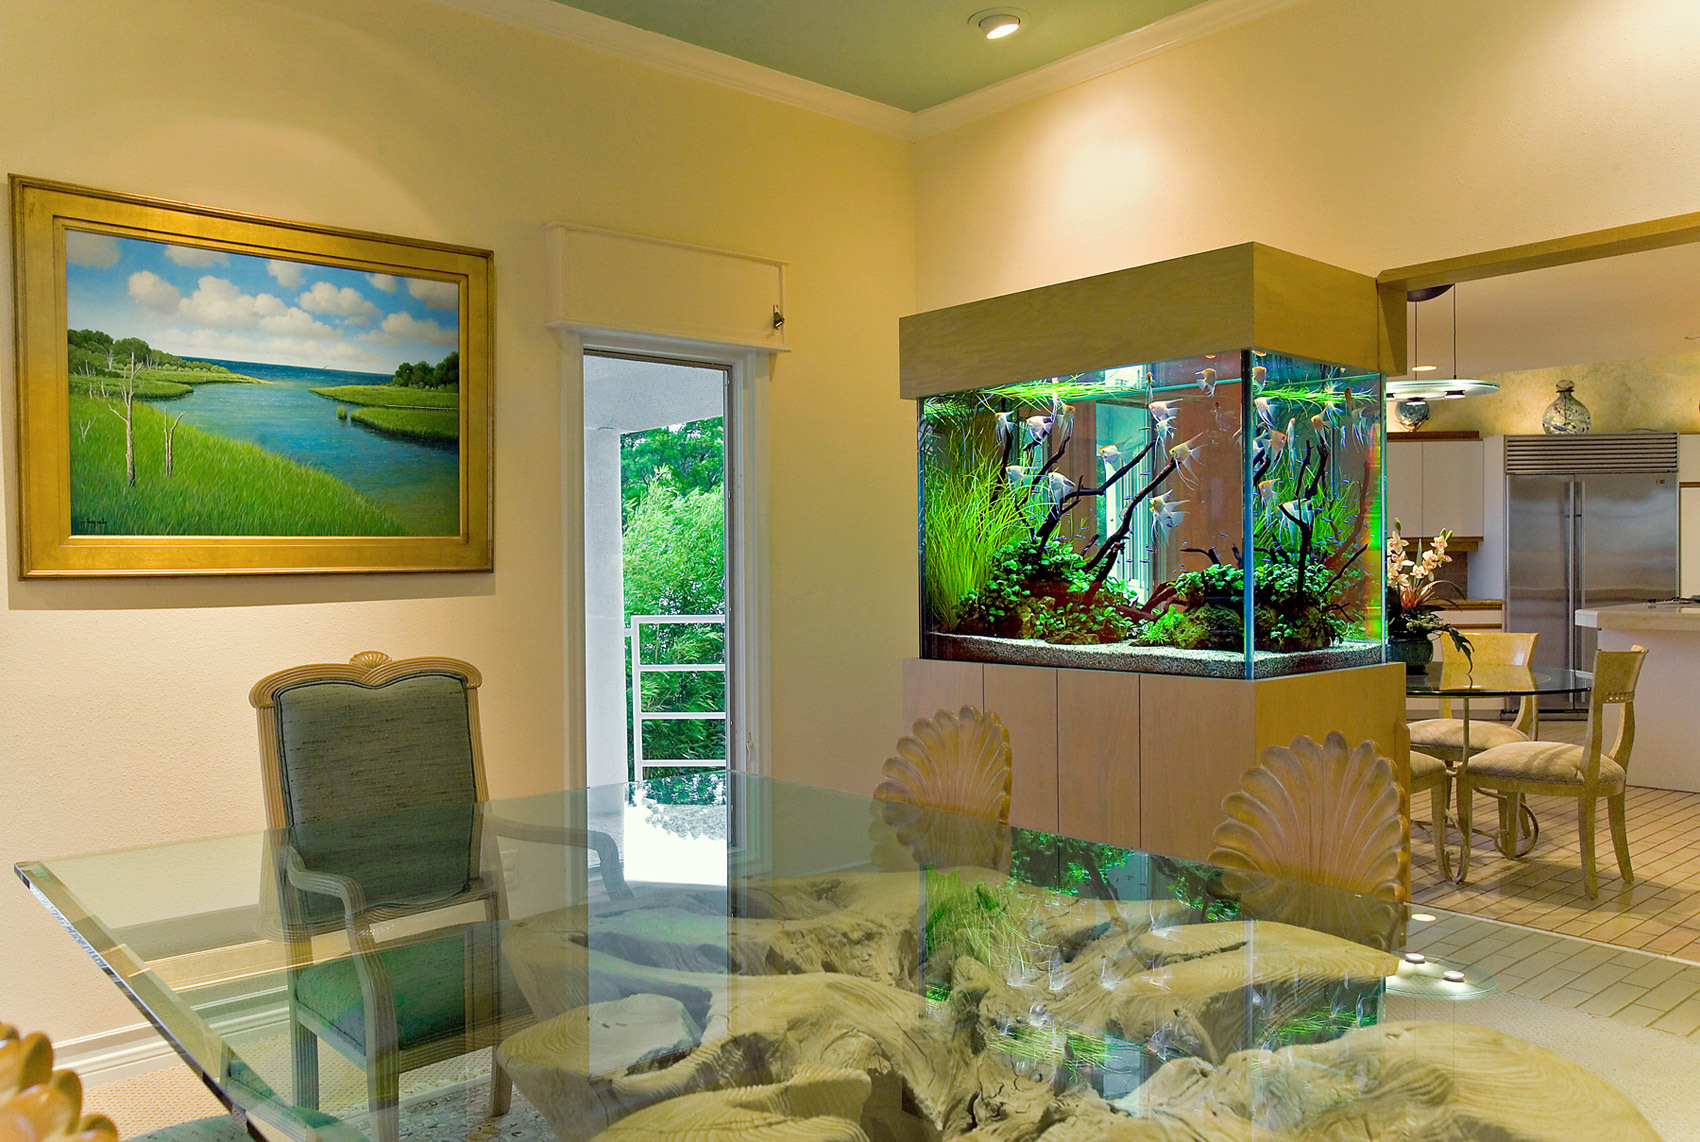 Аквариумы в интерьере дома фото